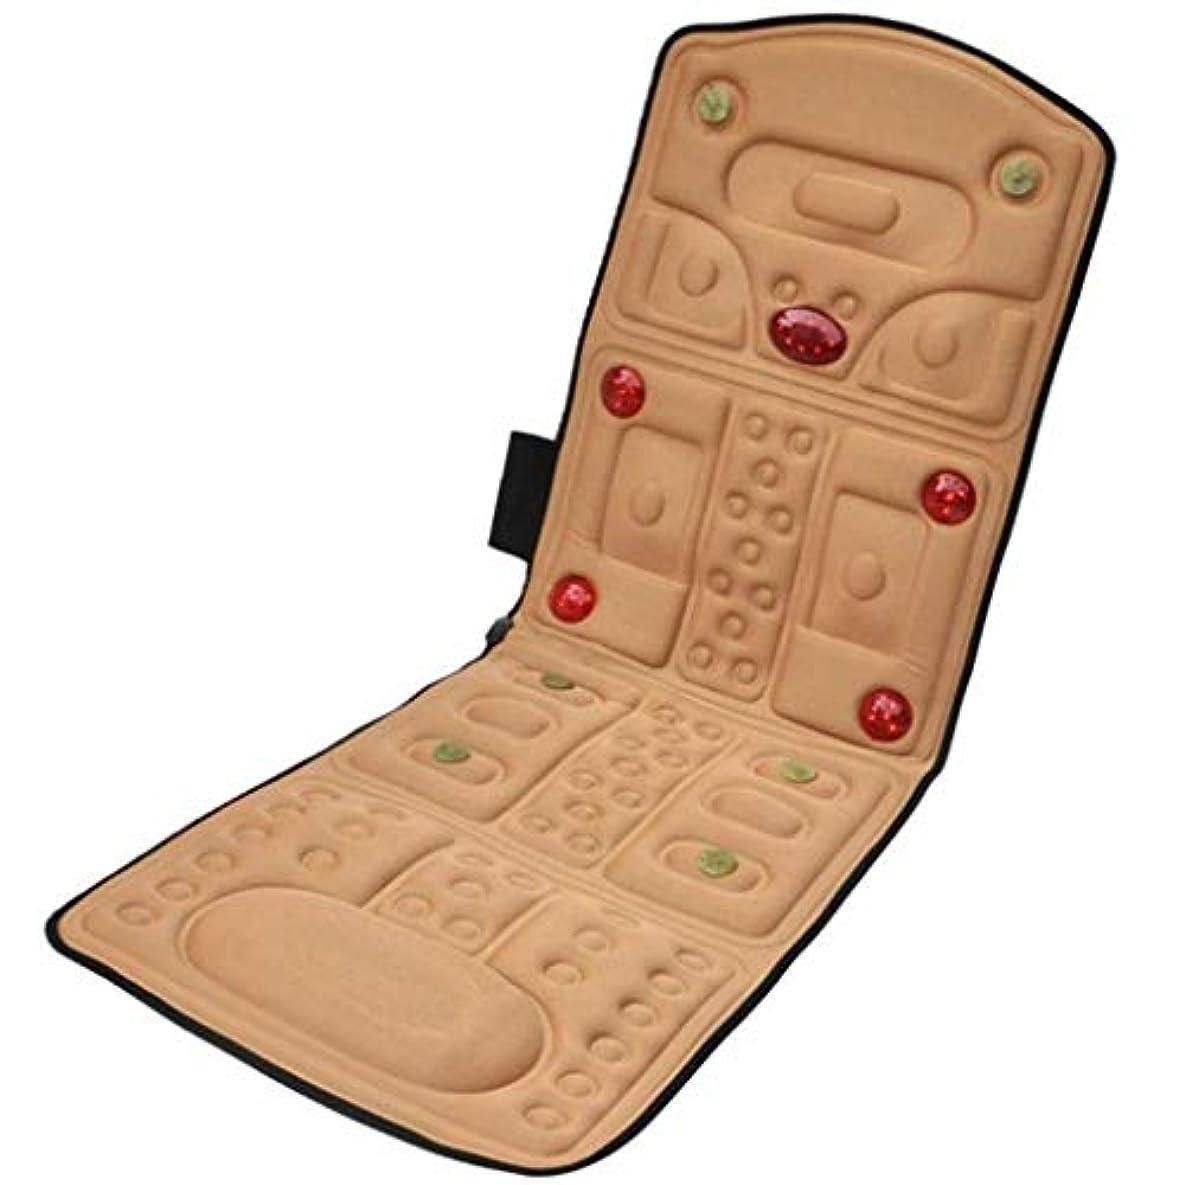 ベックス踏みつけ規模電気マッサージクッション、全身電気マッサージマットレス、折り畳み式の多機能振動加熱マッサージクッション、ホームオフィス車196 * 58 cmに適しています